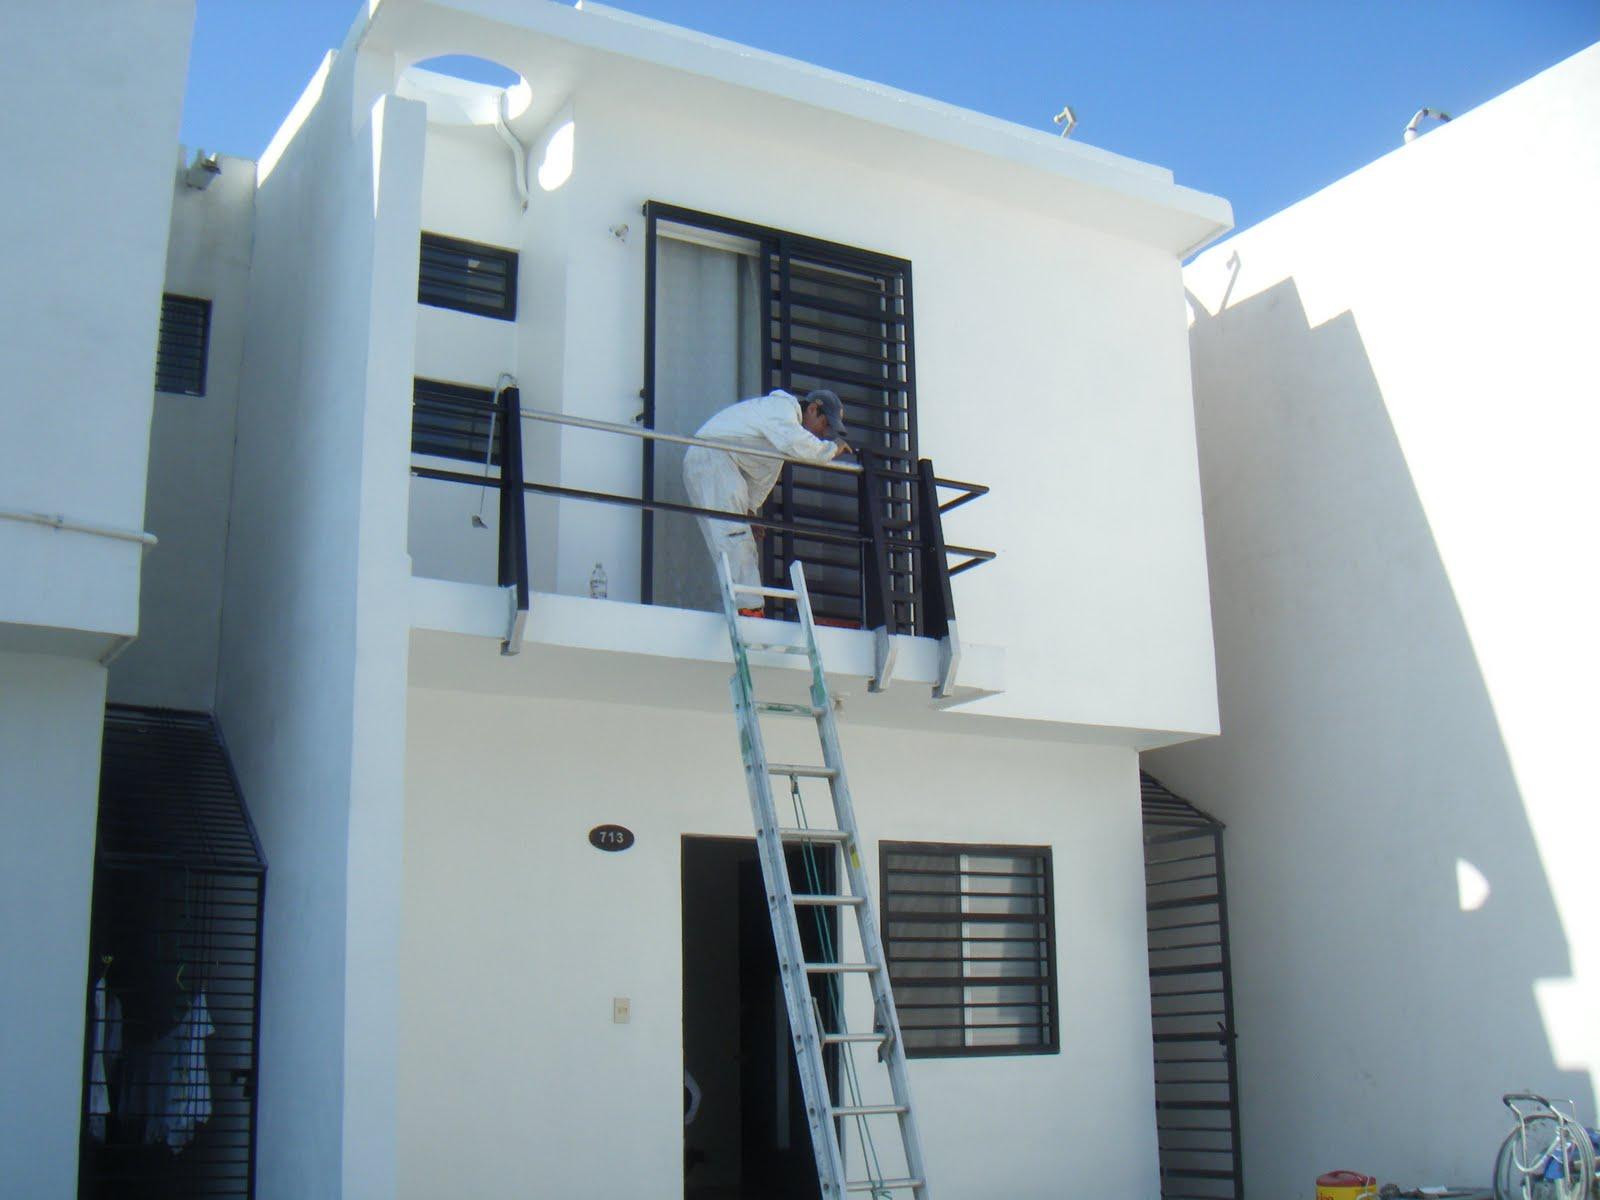 pintores profesionales  pintores airless de casas